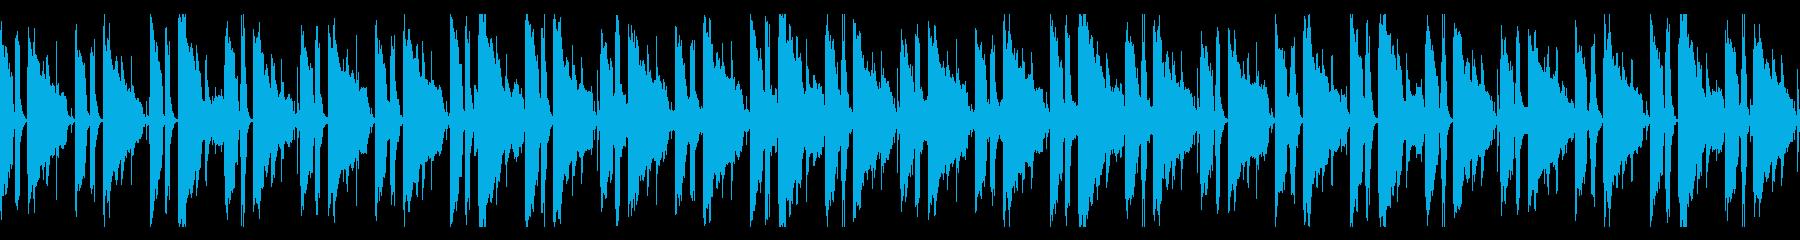 スローで優しいソウルバラードの再生済みの波形